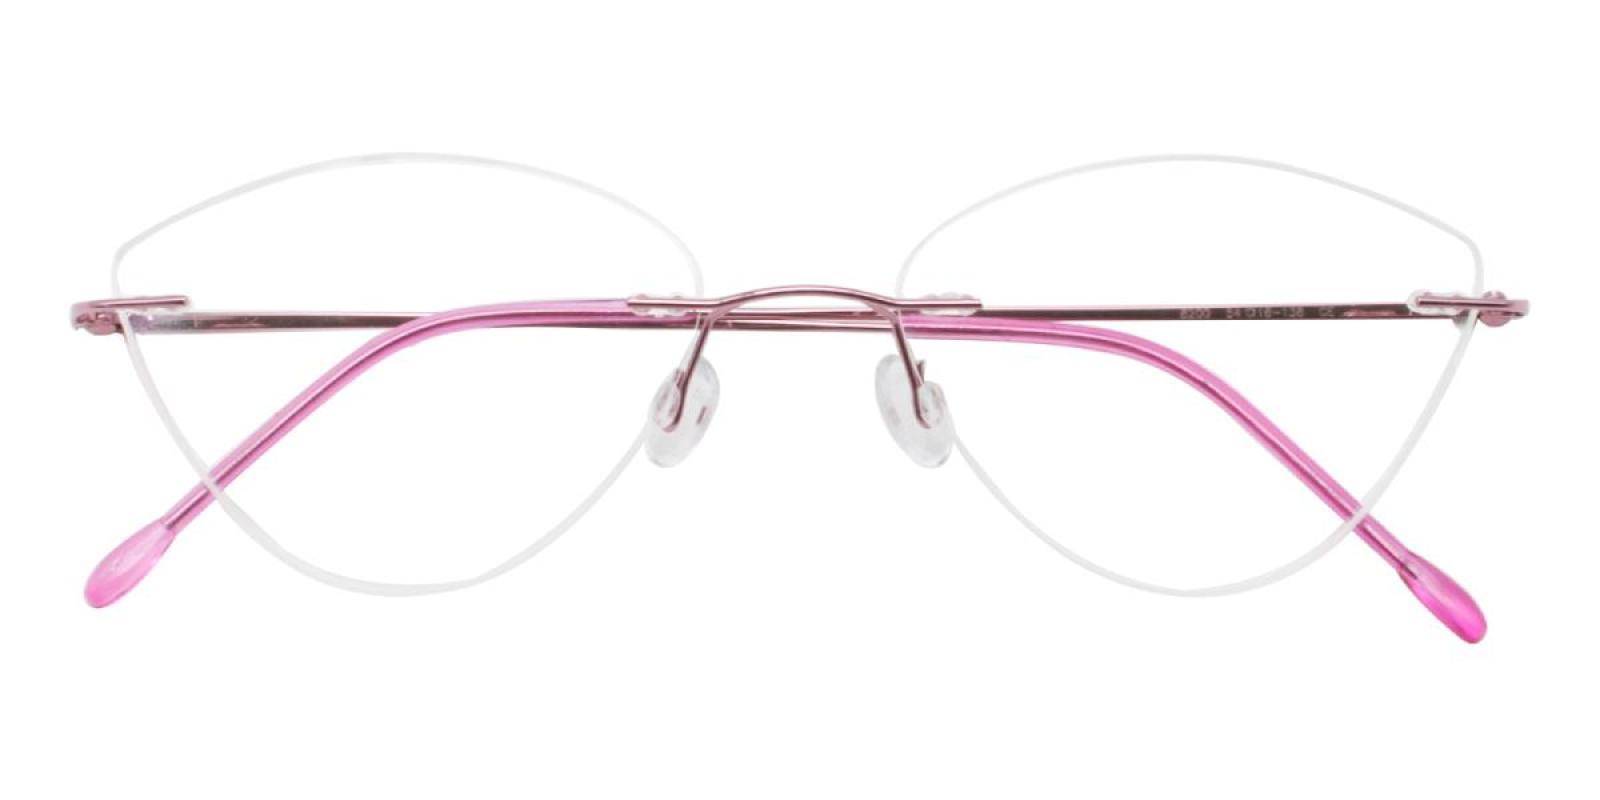 Huram-Pink-Cat / Varieties-Metal-Eyeglasses-detail